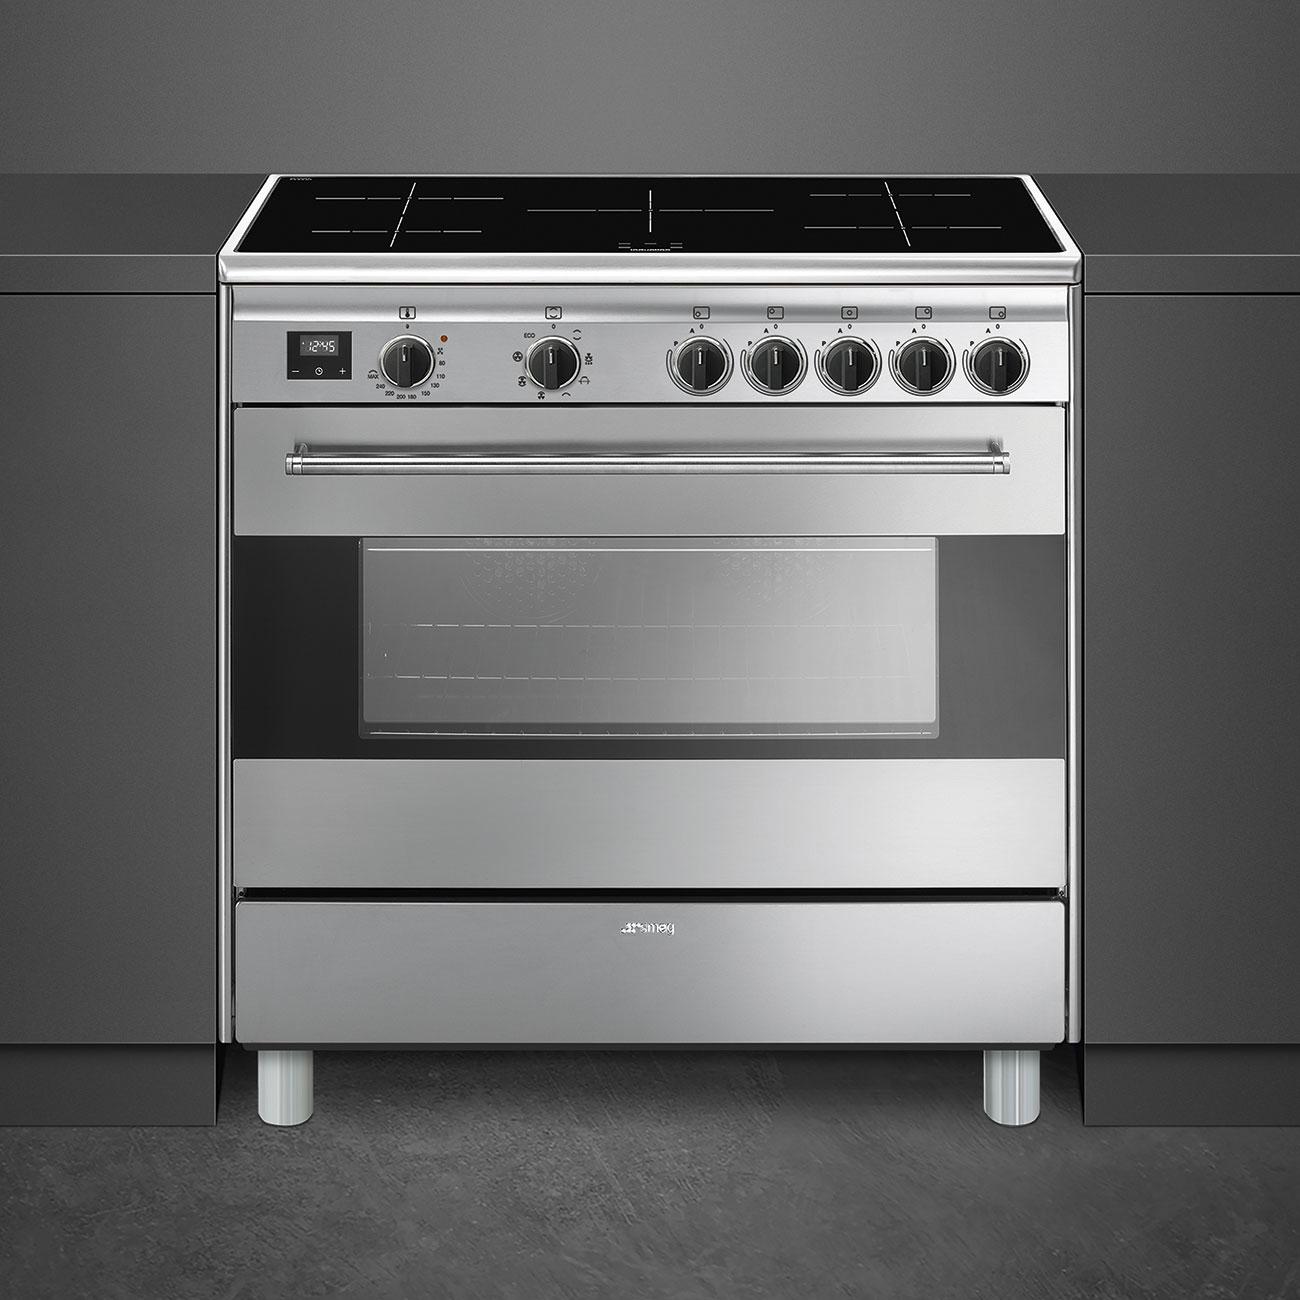 Cucina a Induzione 4 Fuochi Forno Elettrico con Grill LxP 90x60 cm Classe  energetica A colore Inox - BG91IX9-1